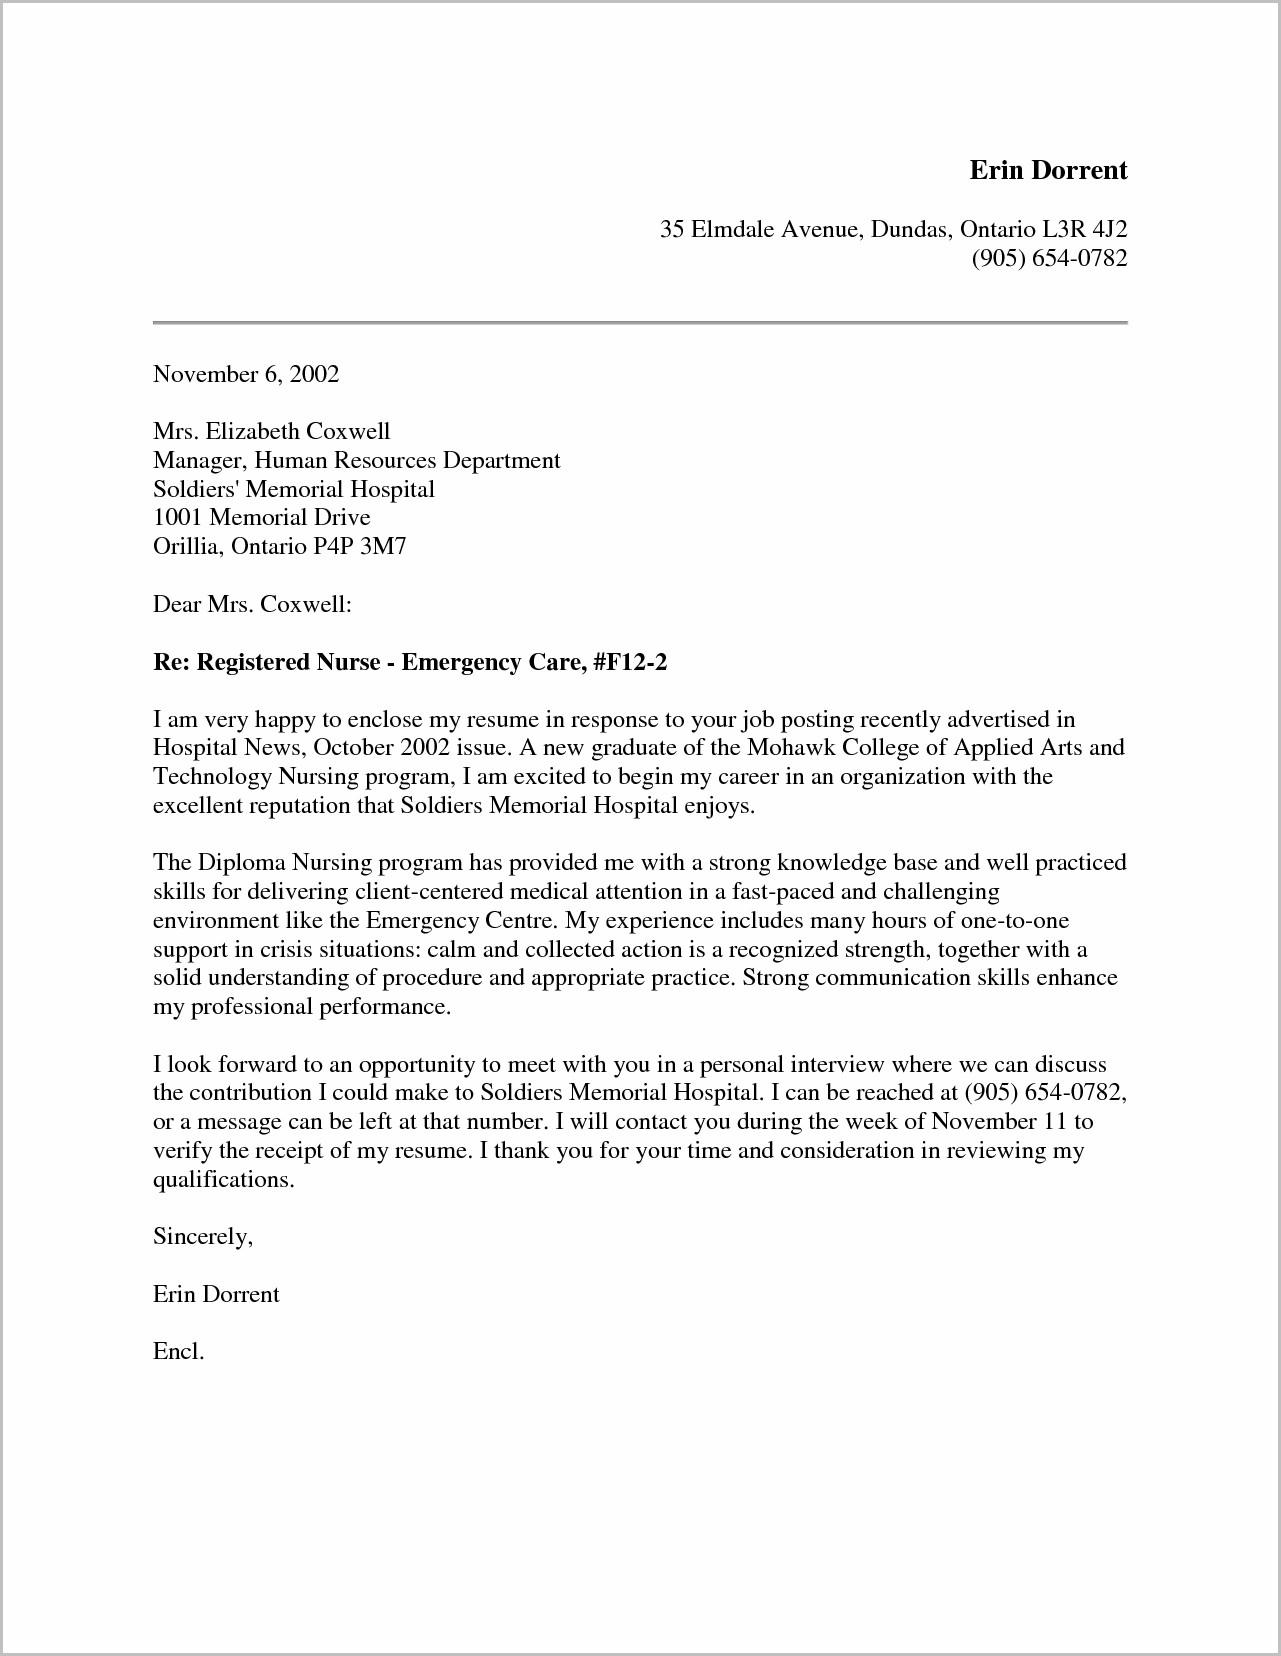 Sample Cover Letter For Resume New Graduate Nurse